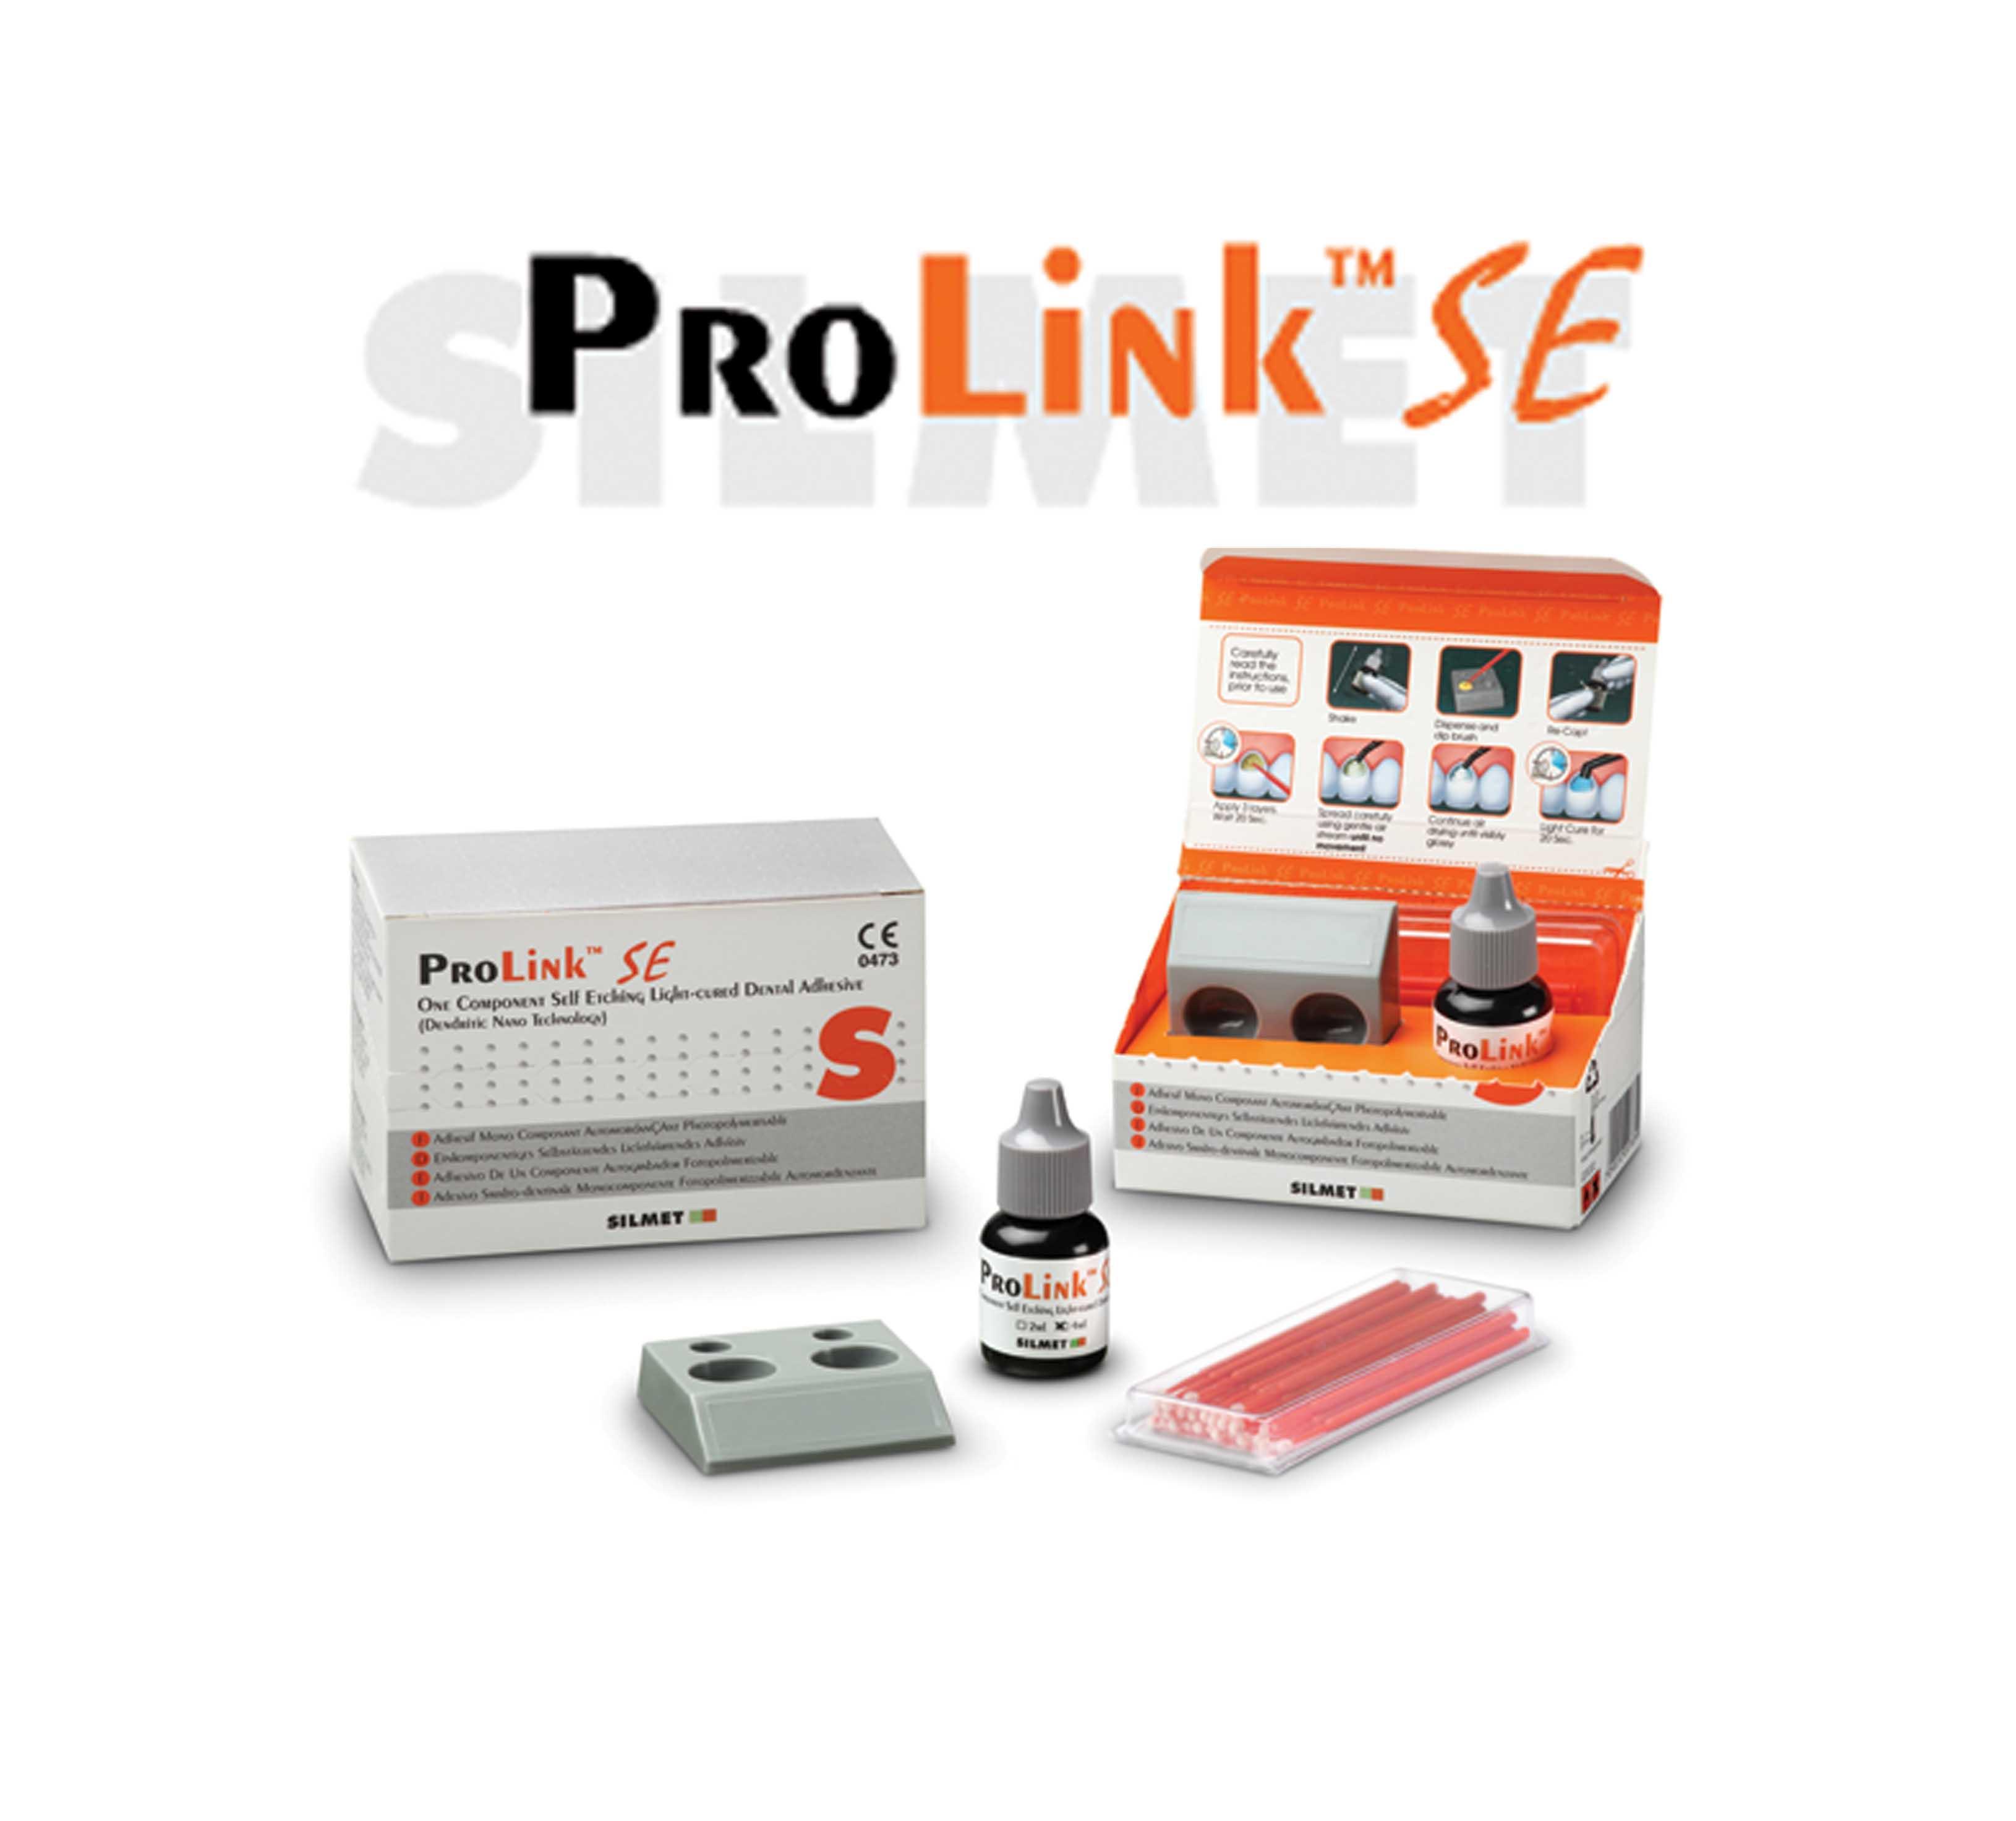 ProLink SE